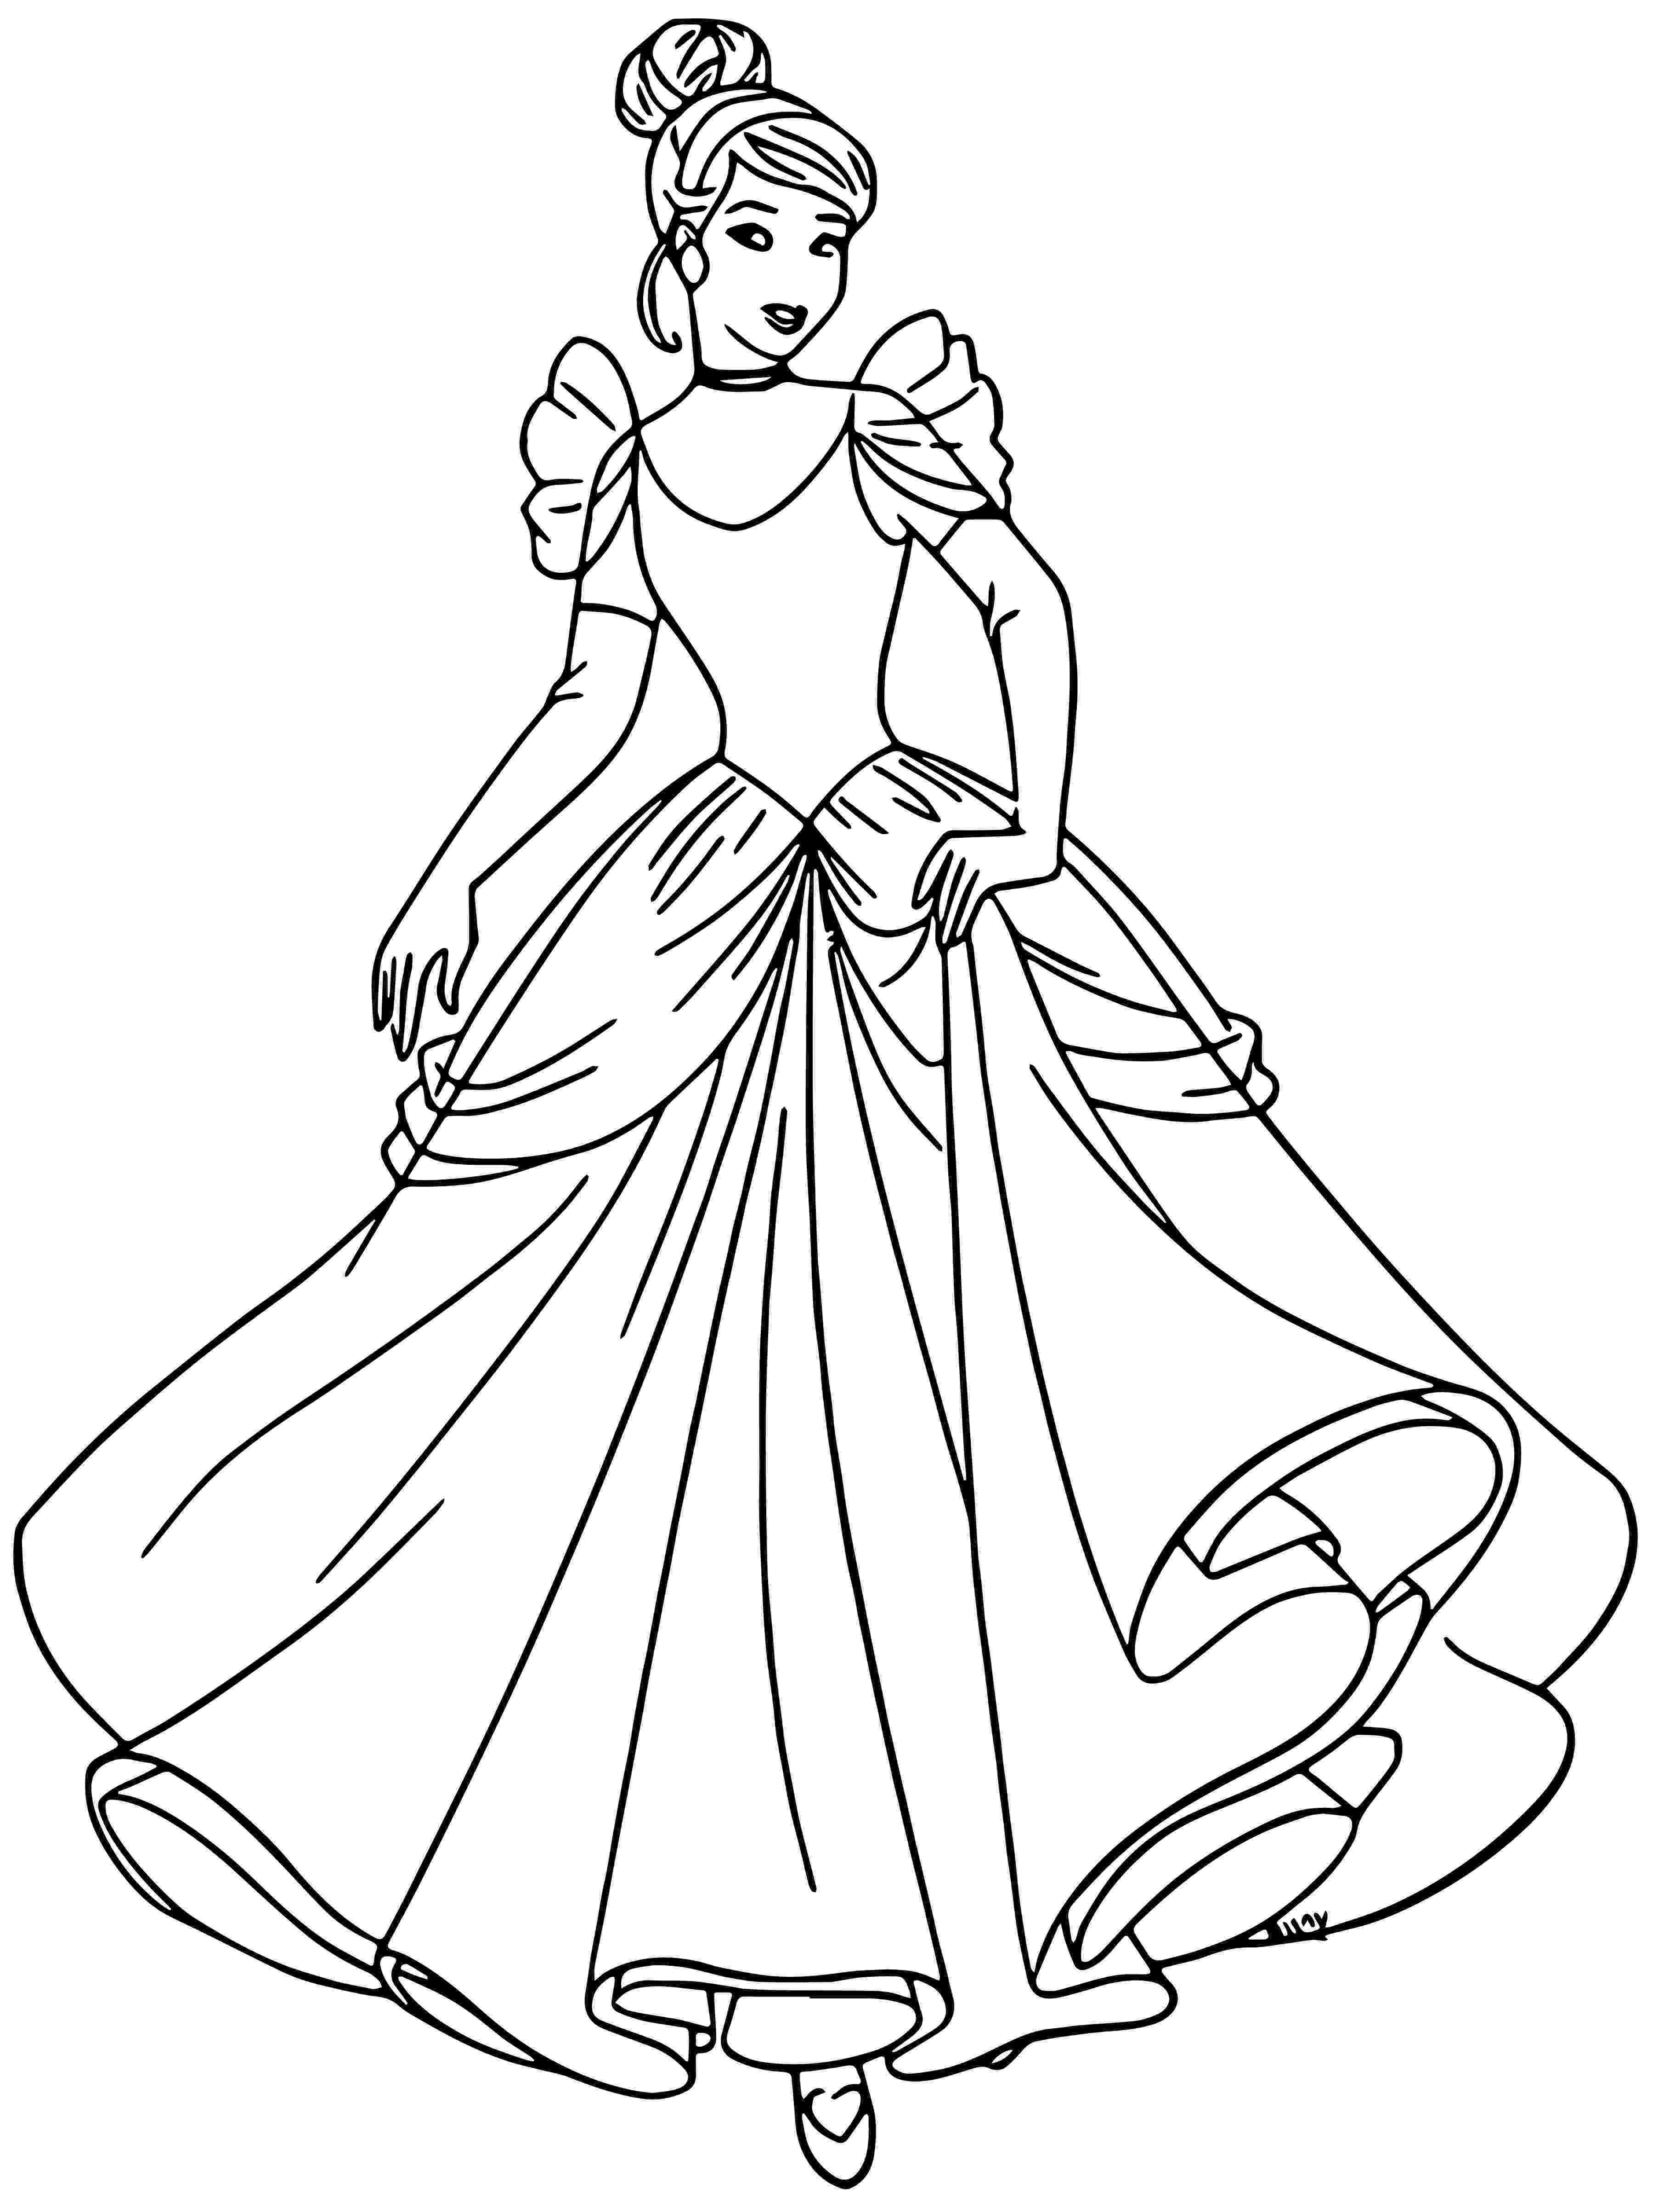 cinderella coloring pages free disney princess cinderella coloring pages minister coloring cinderella coloring pages free